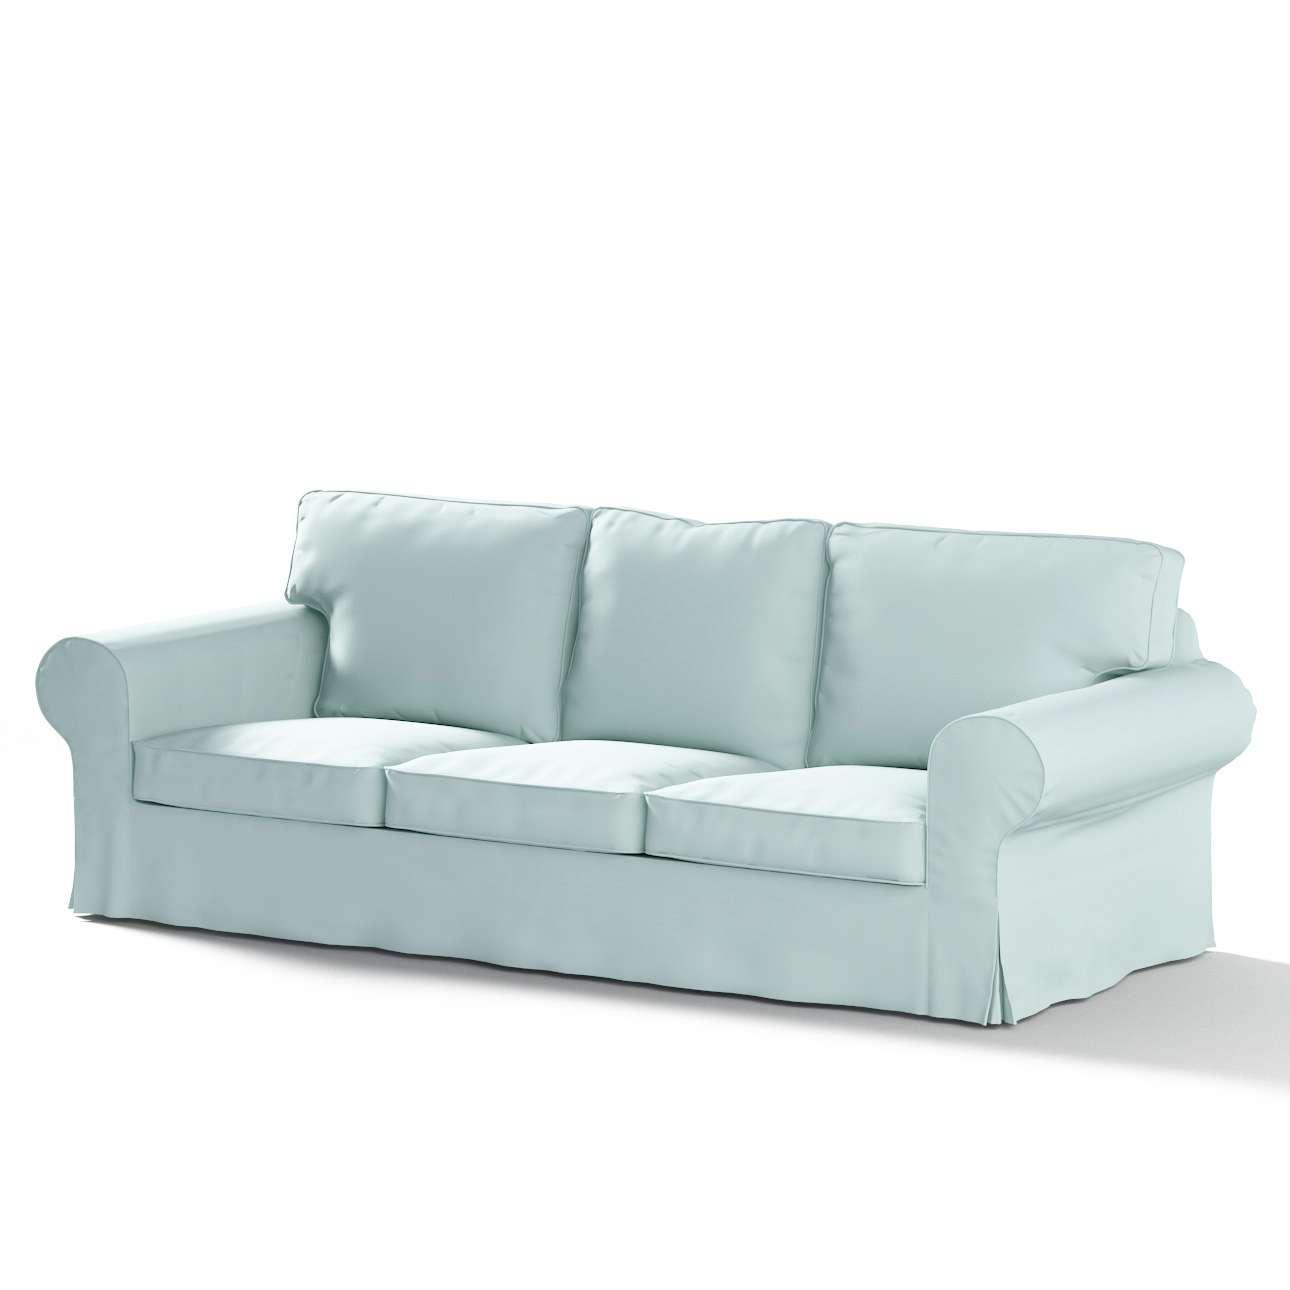 Pokrowiec na sofę Ektorp 3-osobową, rozkładaną STARY MODEL w kolekcji Cotton Panama, tkanina: 702-10